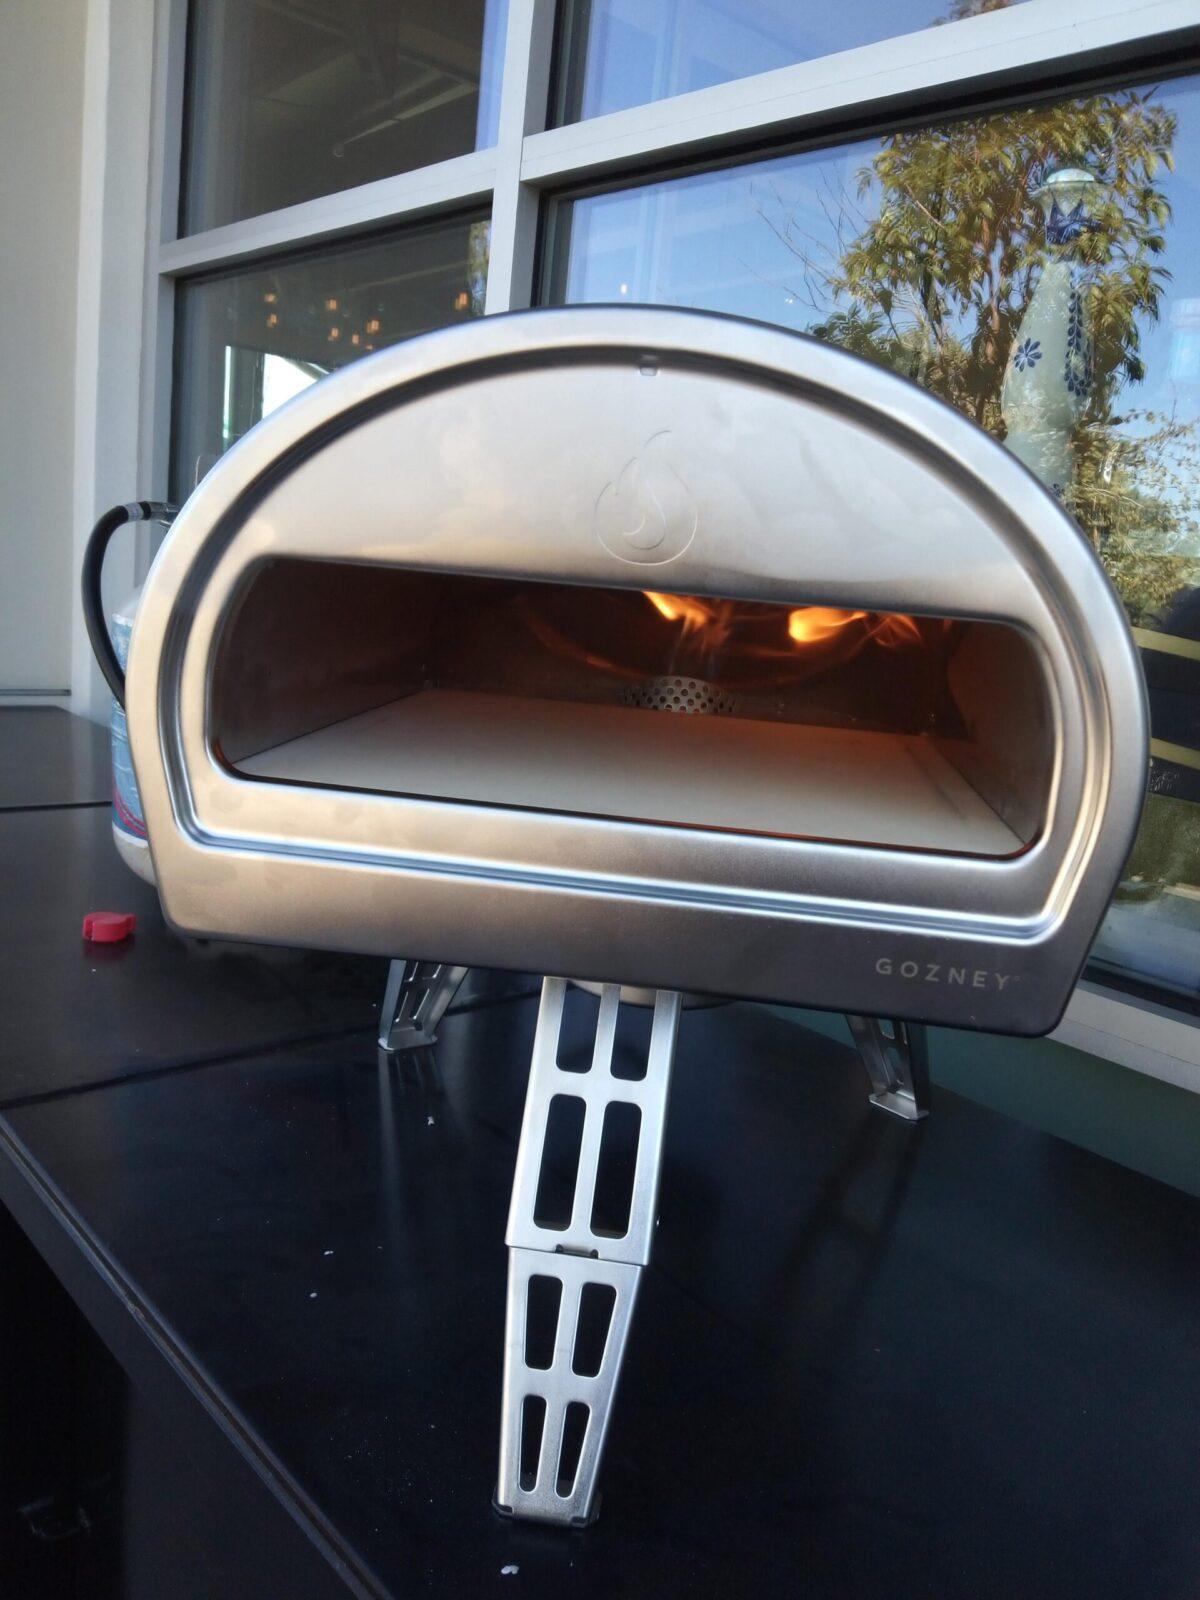 Professional Pizza Oven By Pinsarella